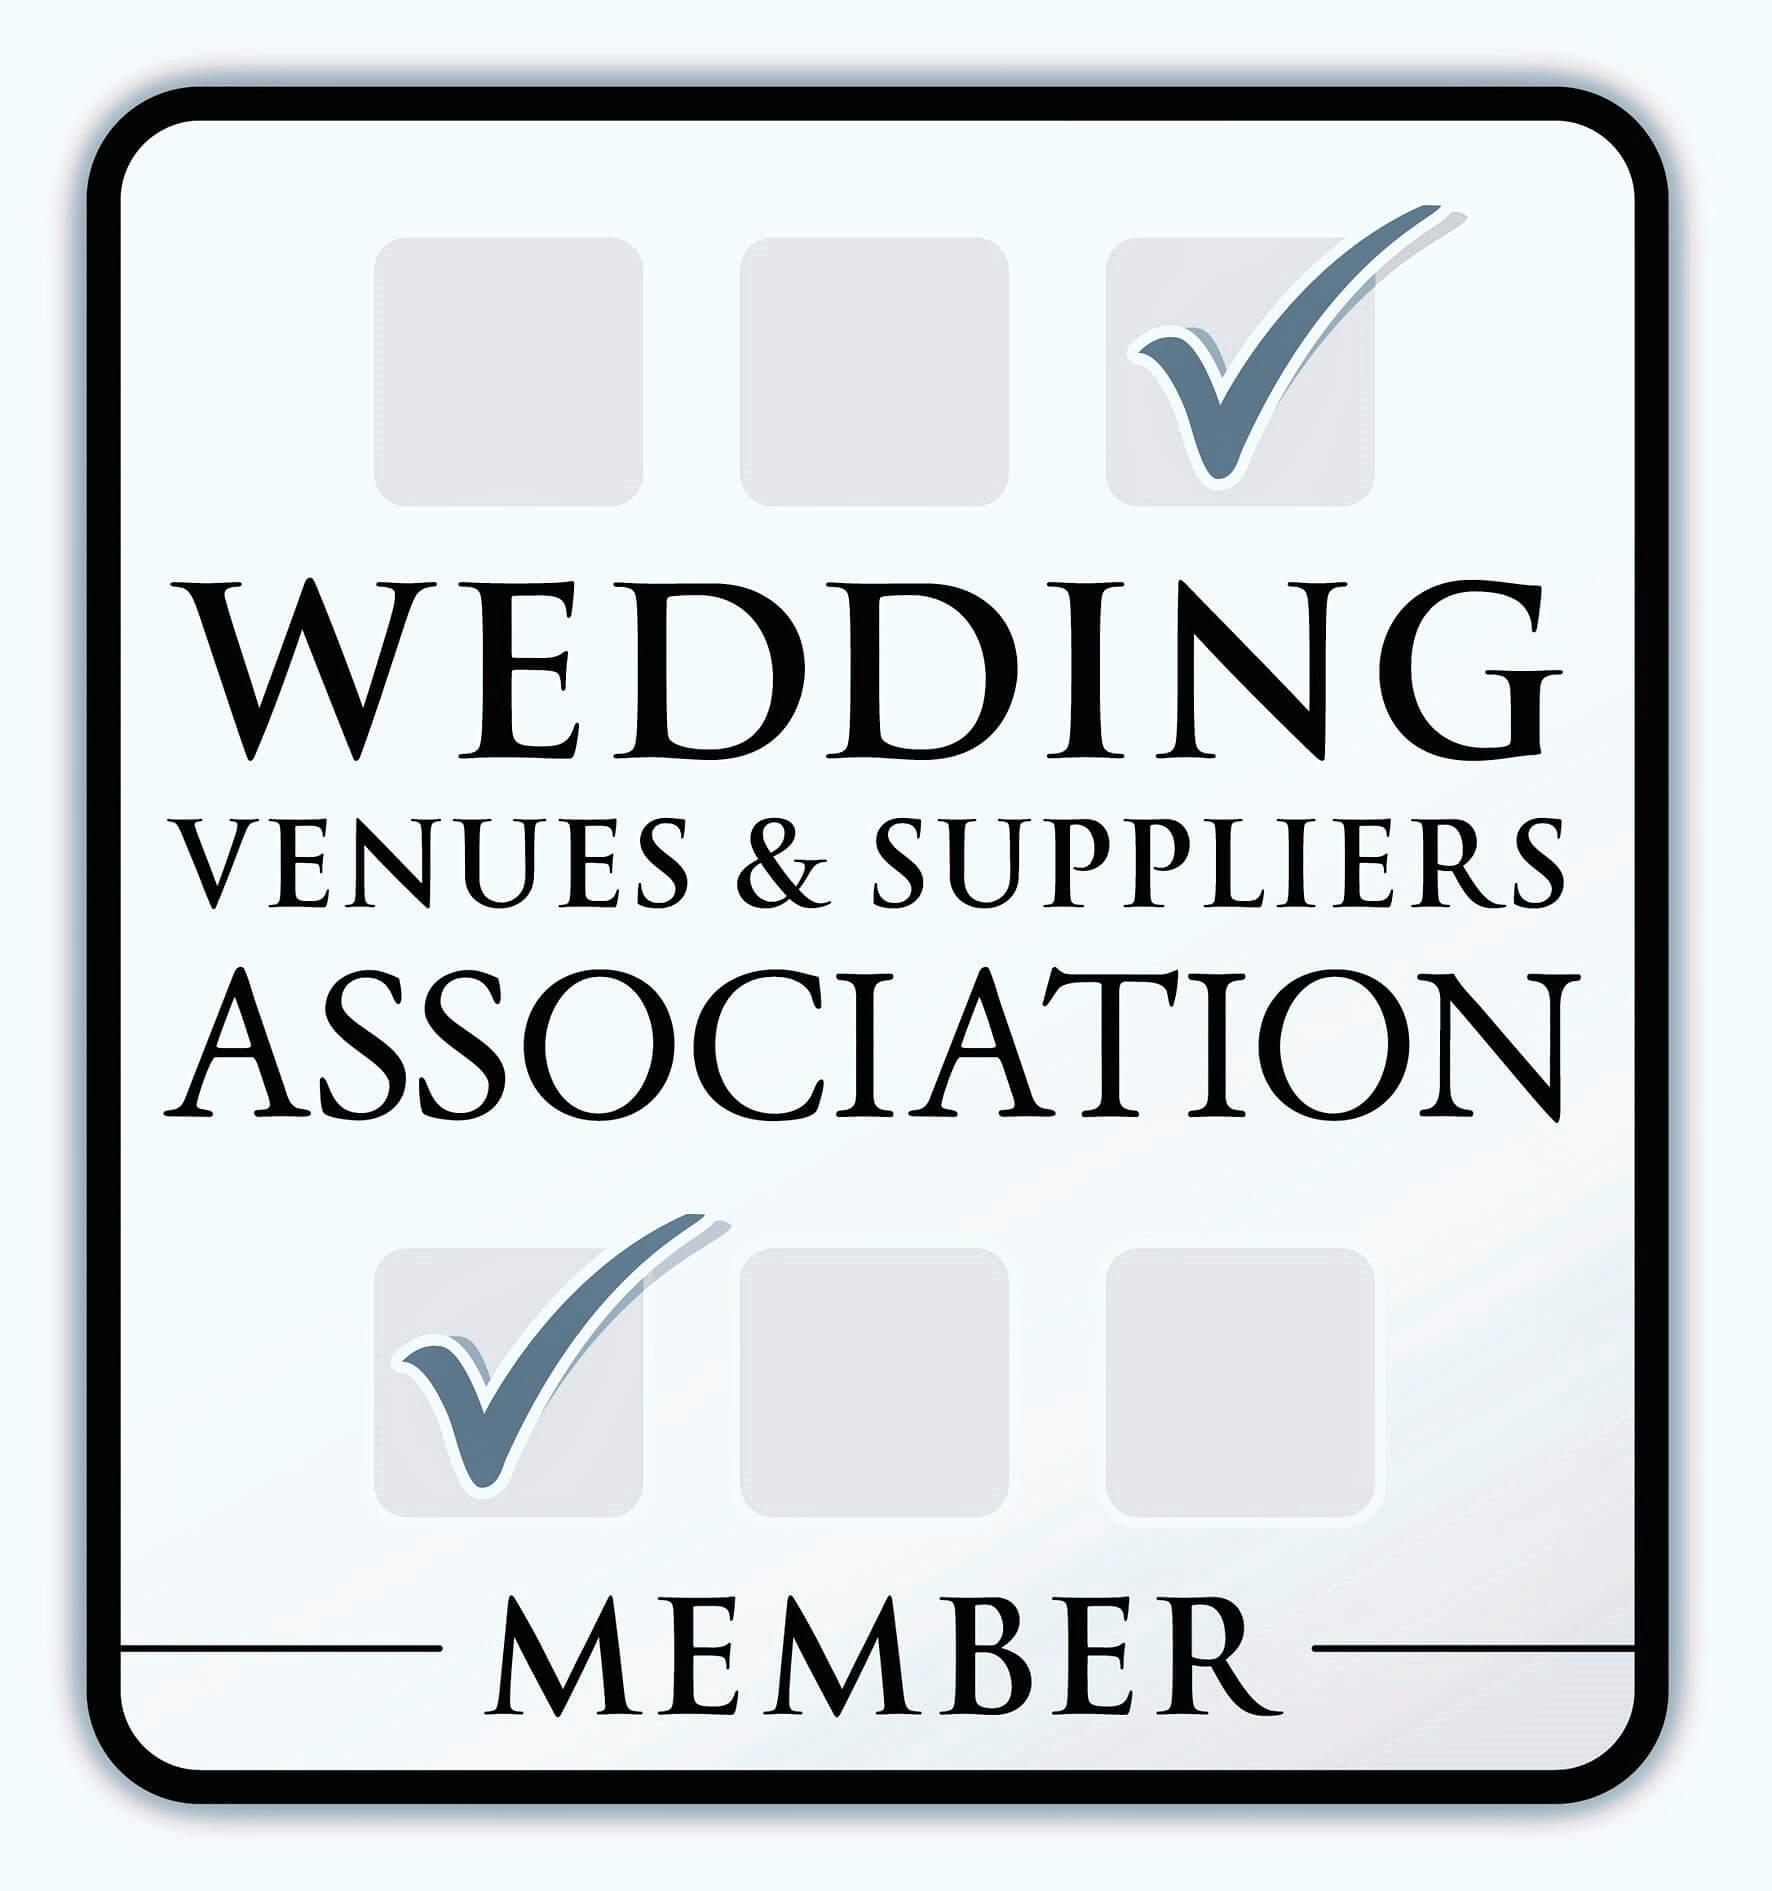 wedding venues logo